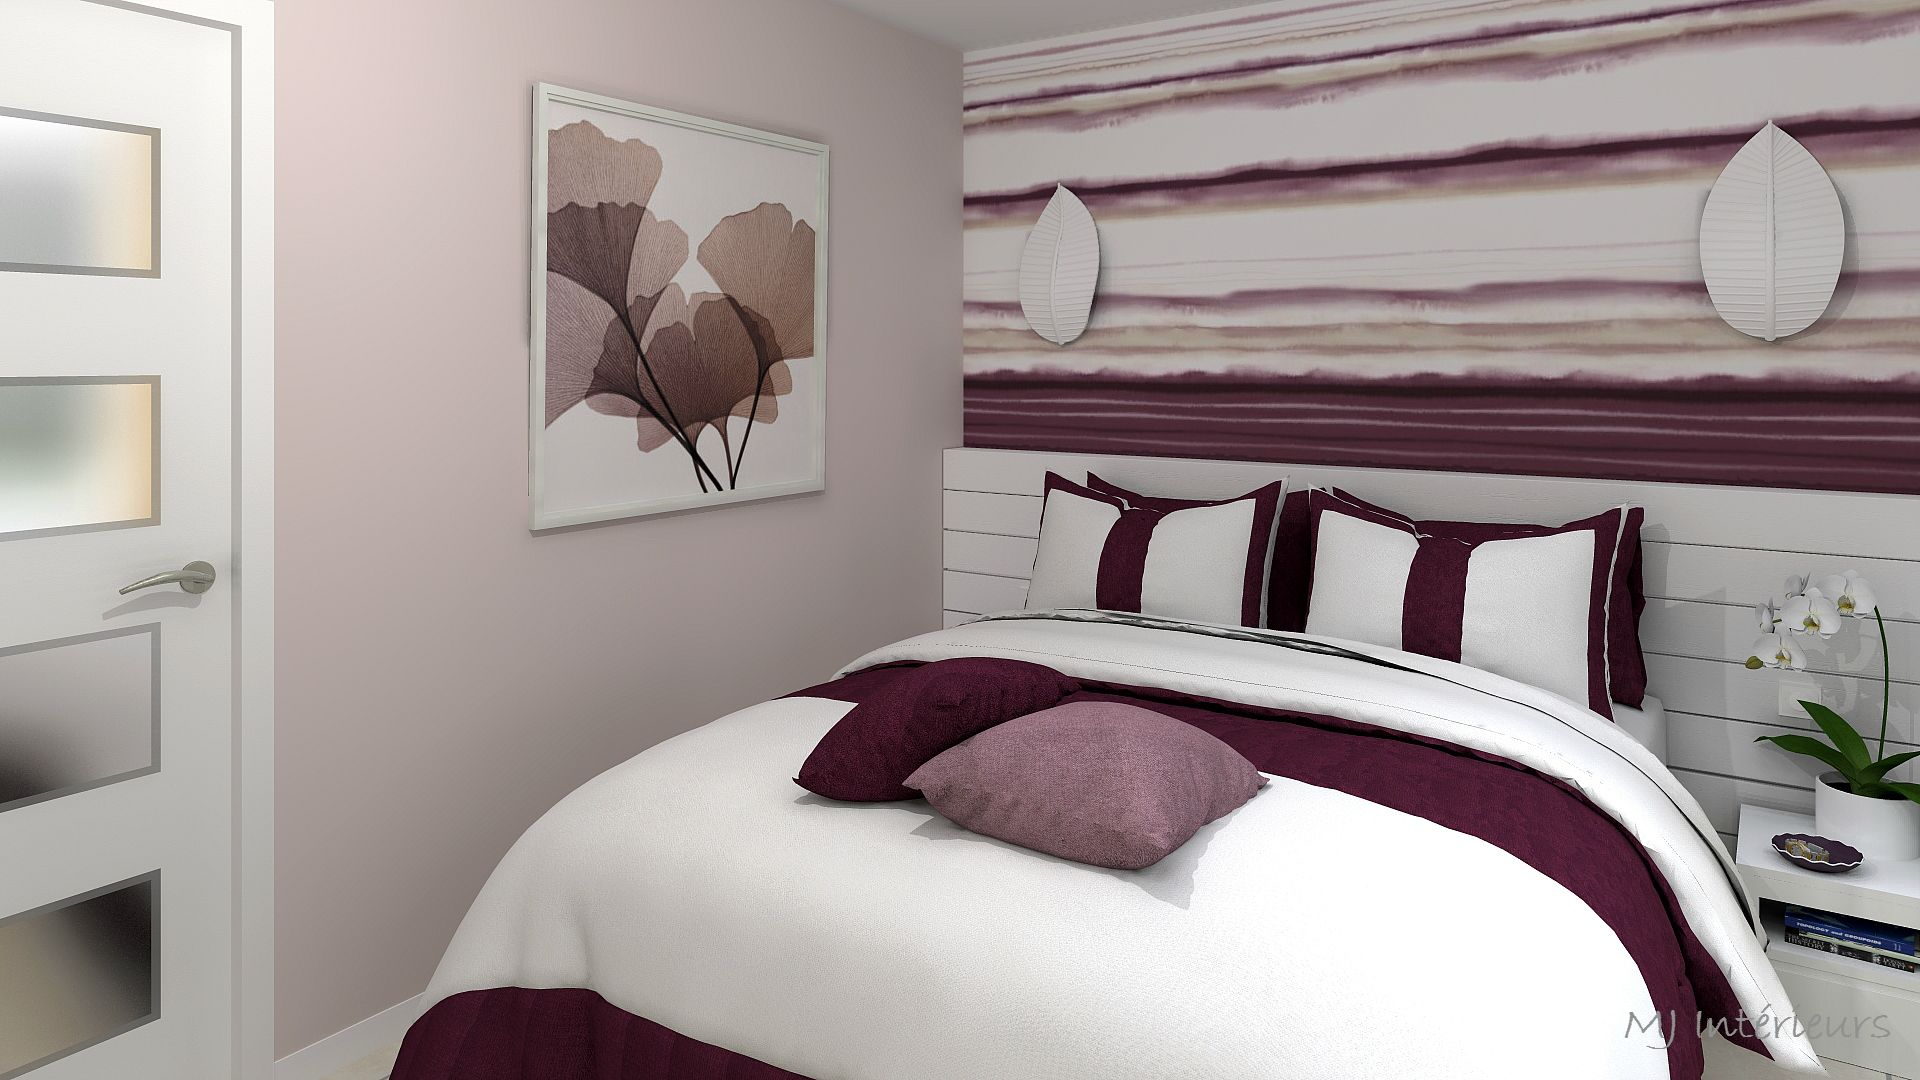 Chambre contemporaine aubergine, rose et blanc par MJ Intérieurs ...